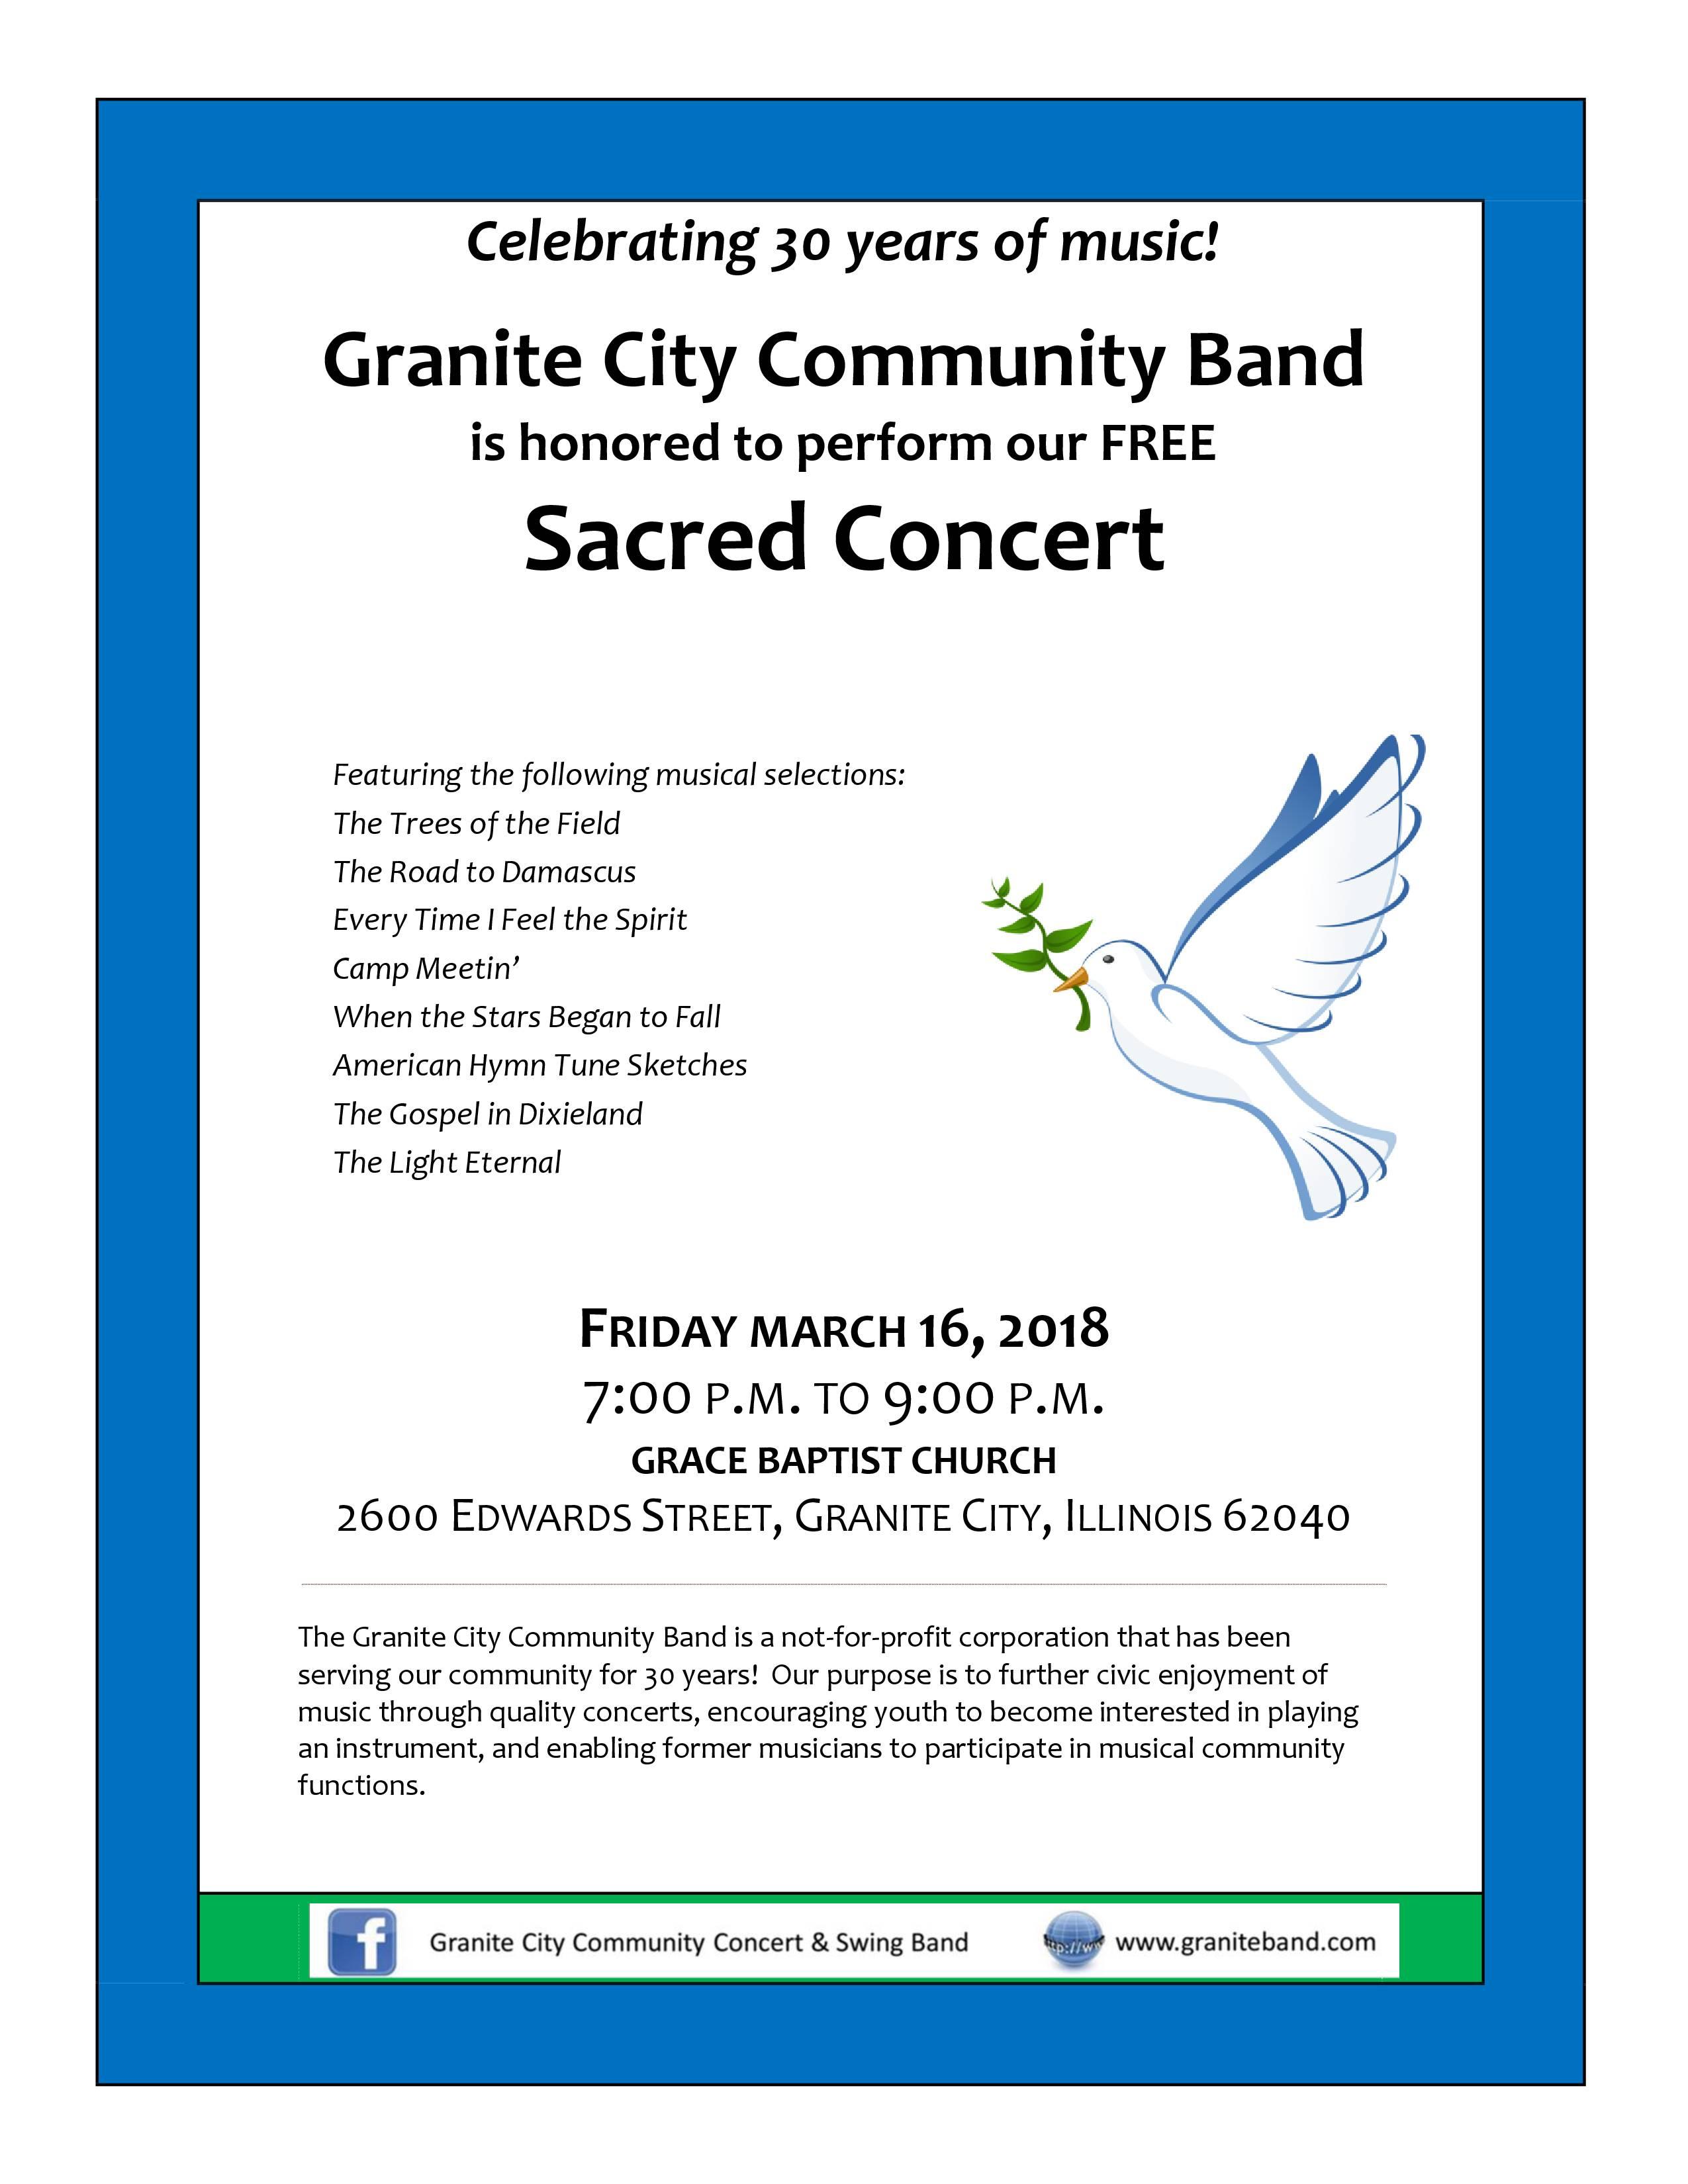 Sacred Concert Flyer-2018